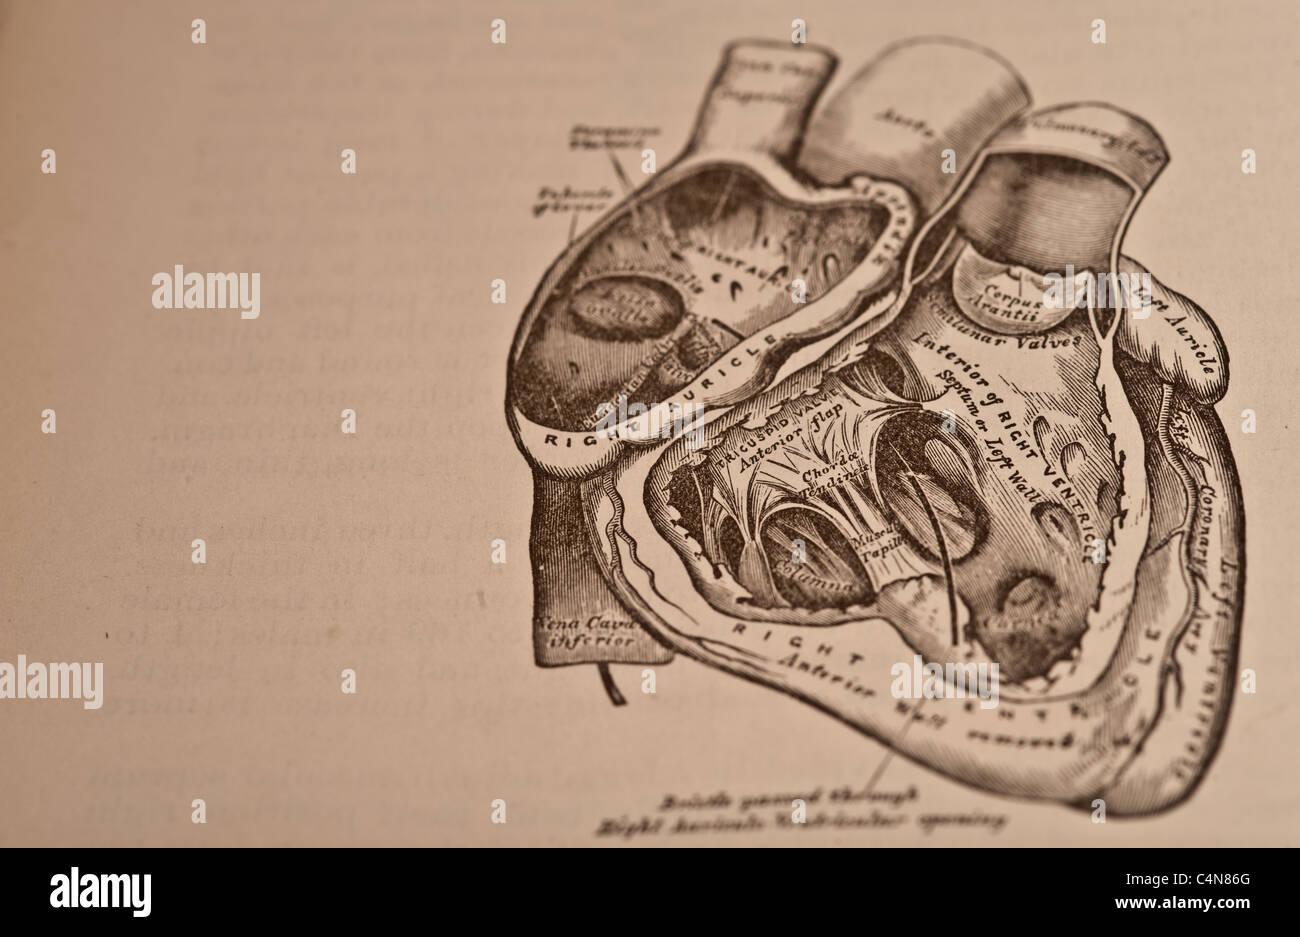 Charmant Menschliches Herz Teile Zeitgenössisch - Menschliche ...